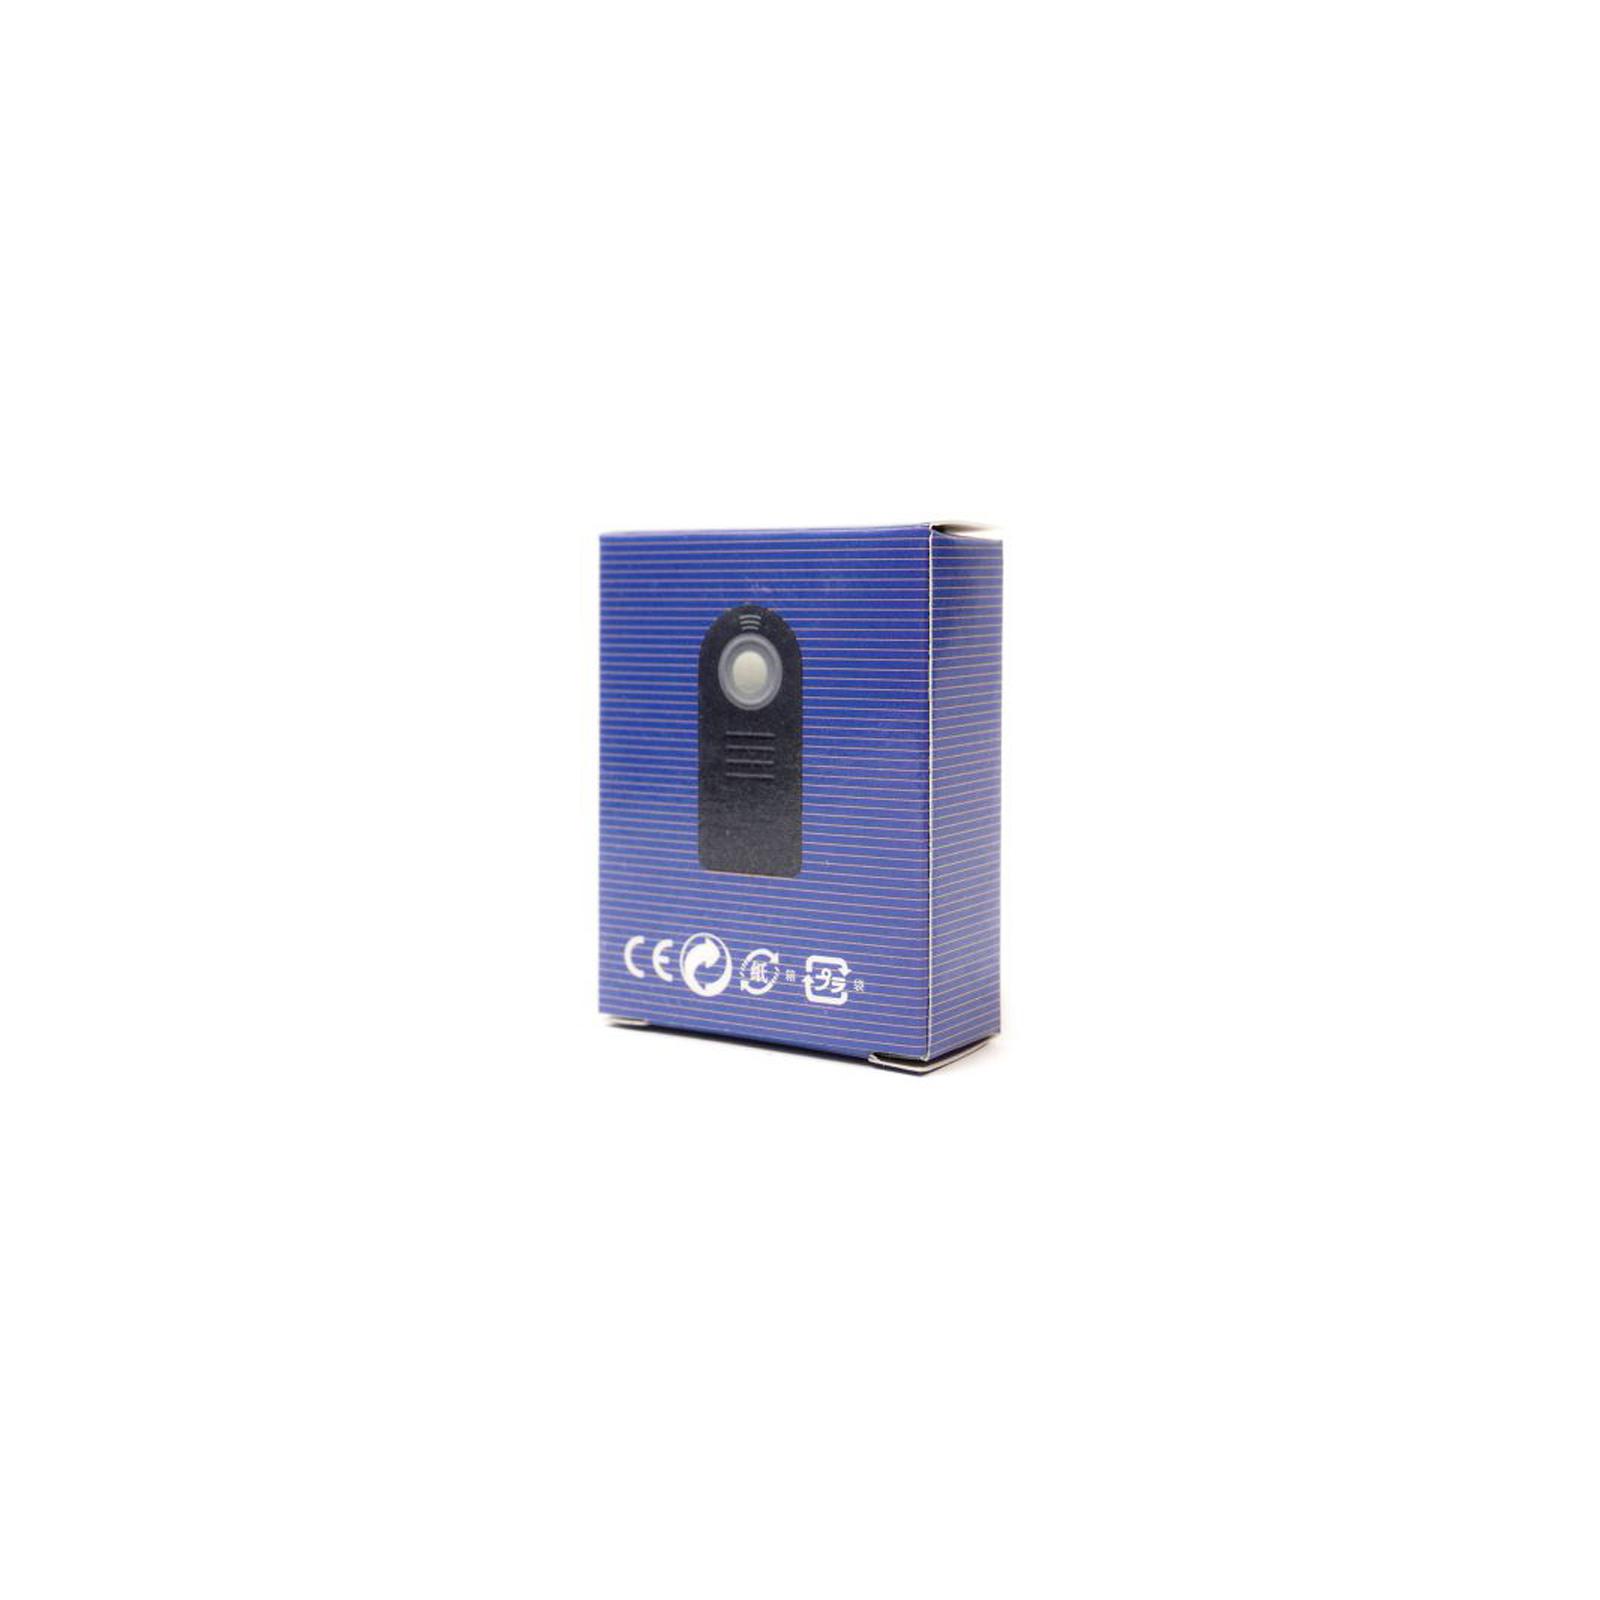 Пульт ДУ для фото- видеокамер Meike Canon MK-RC5 (RT960019) изображение 2